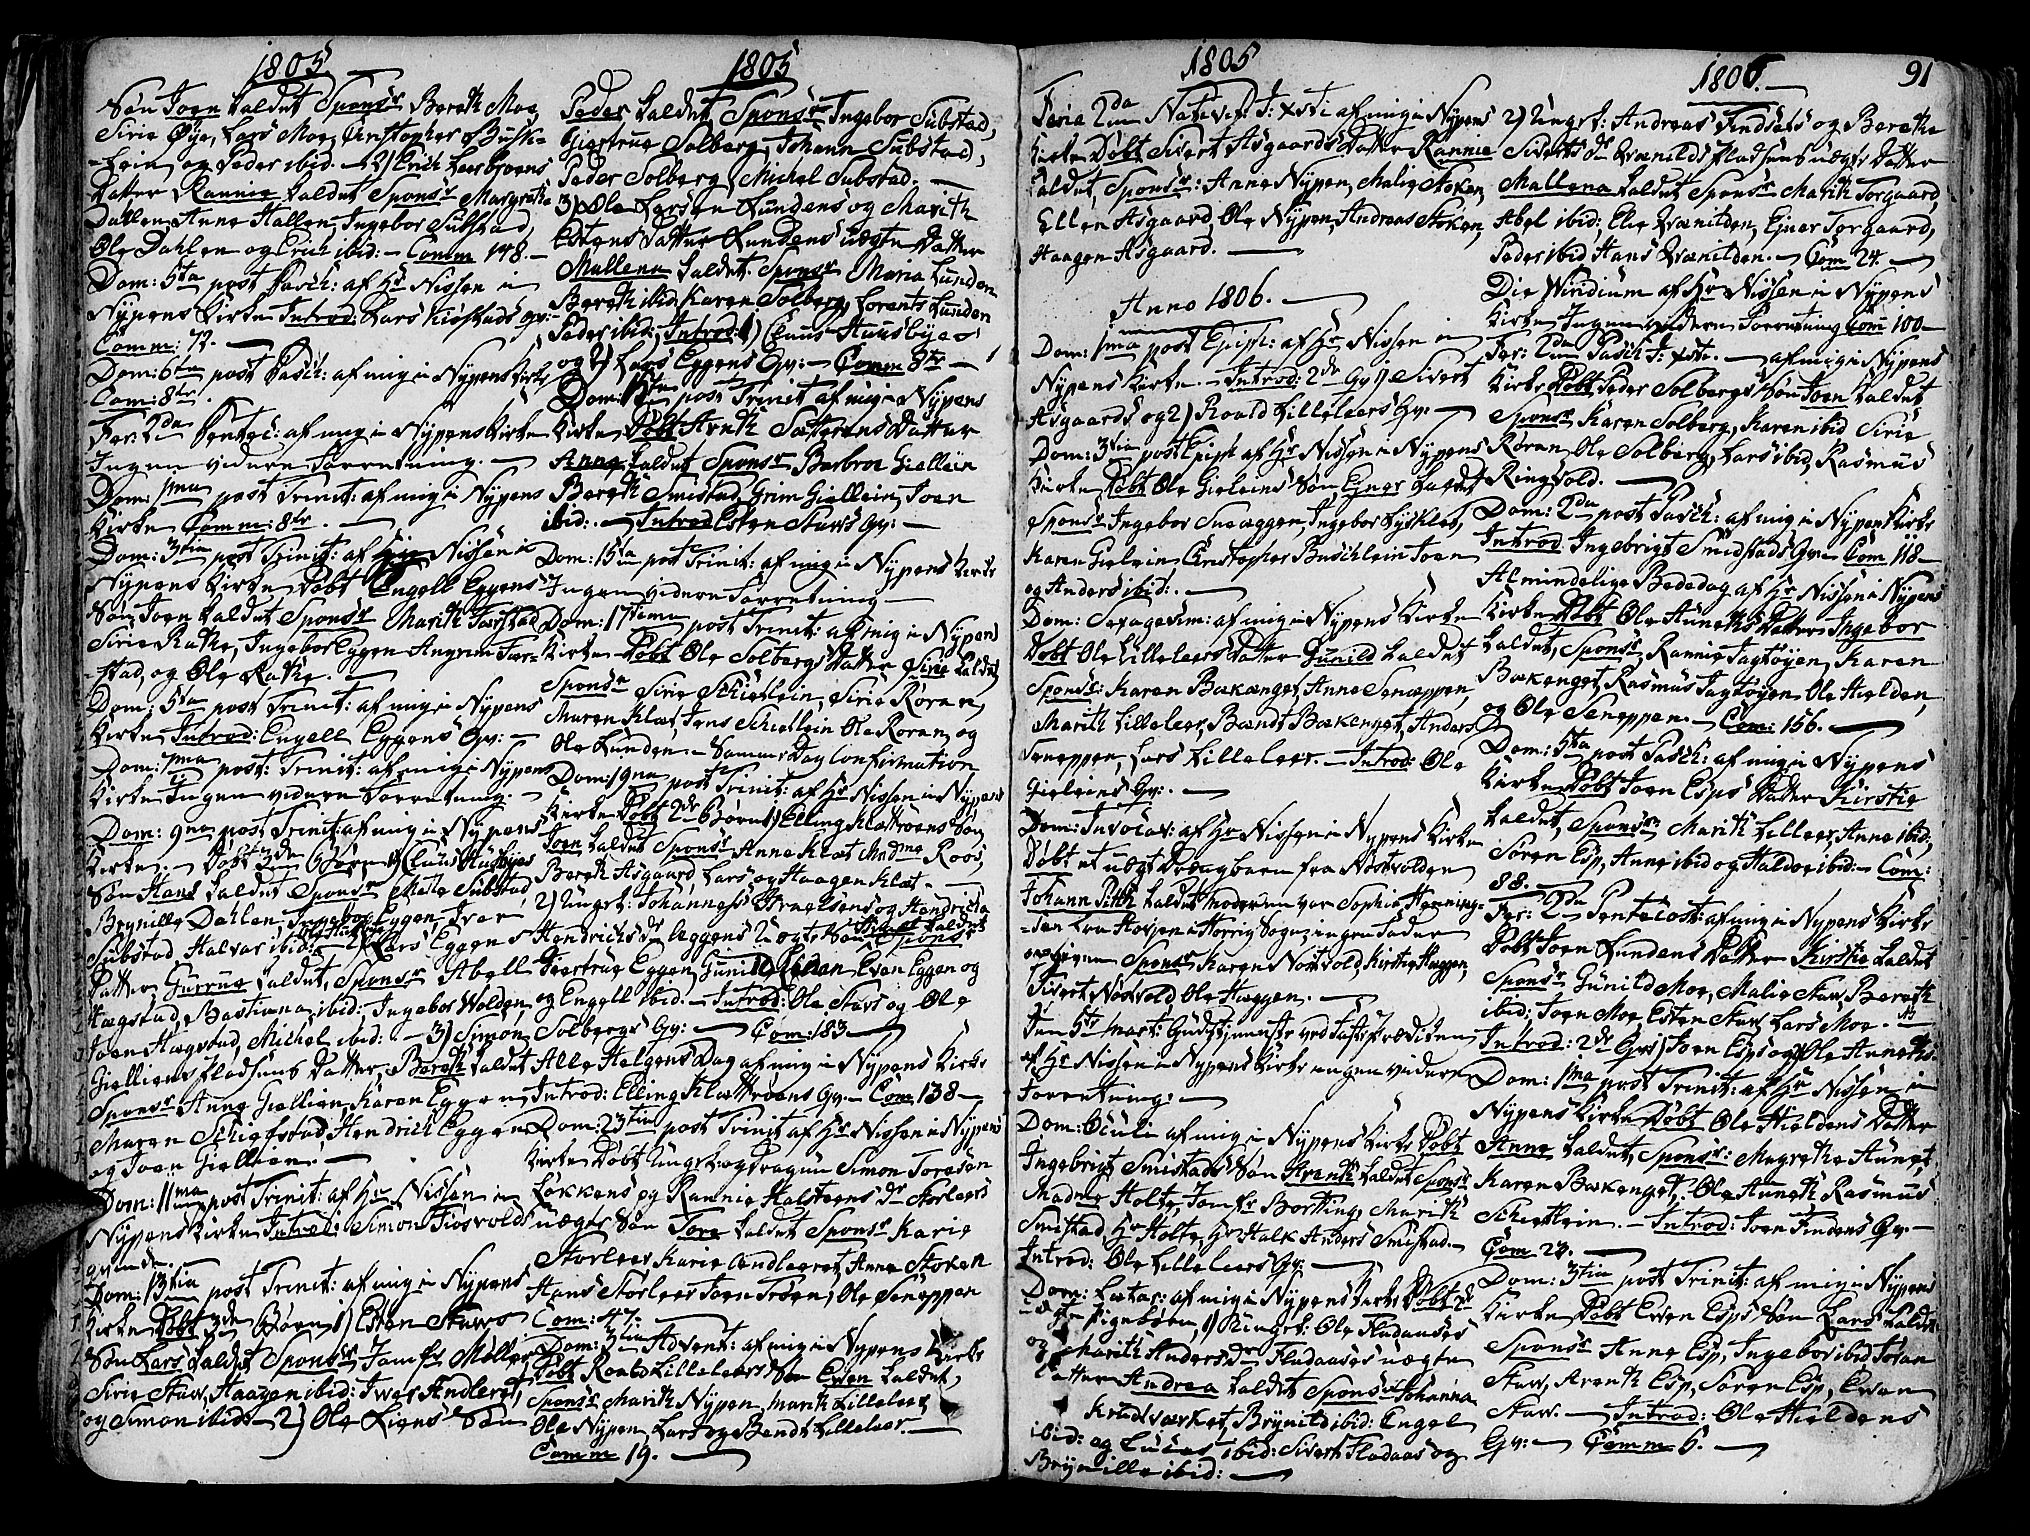 SAT, Ministerialprotokoller, klokkerbøker og fødselsregistre - Sør-Trøndelag, 691/L1063: Ministerialbok nr. 691A02 /3, 1768-1815, s. 91